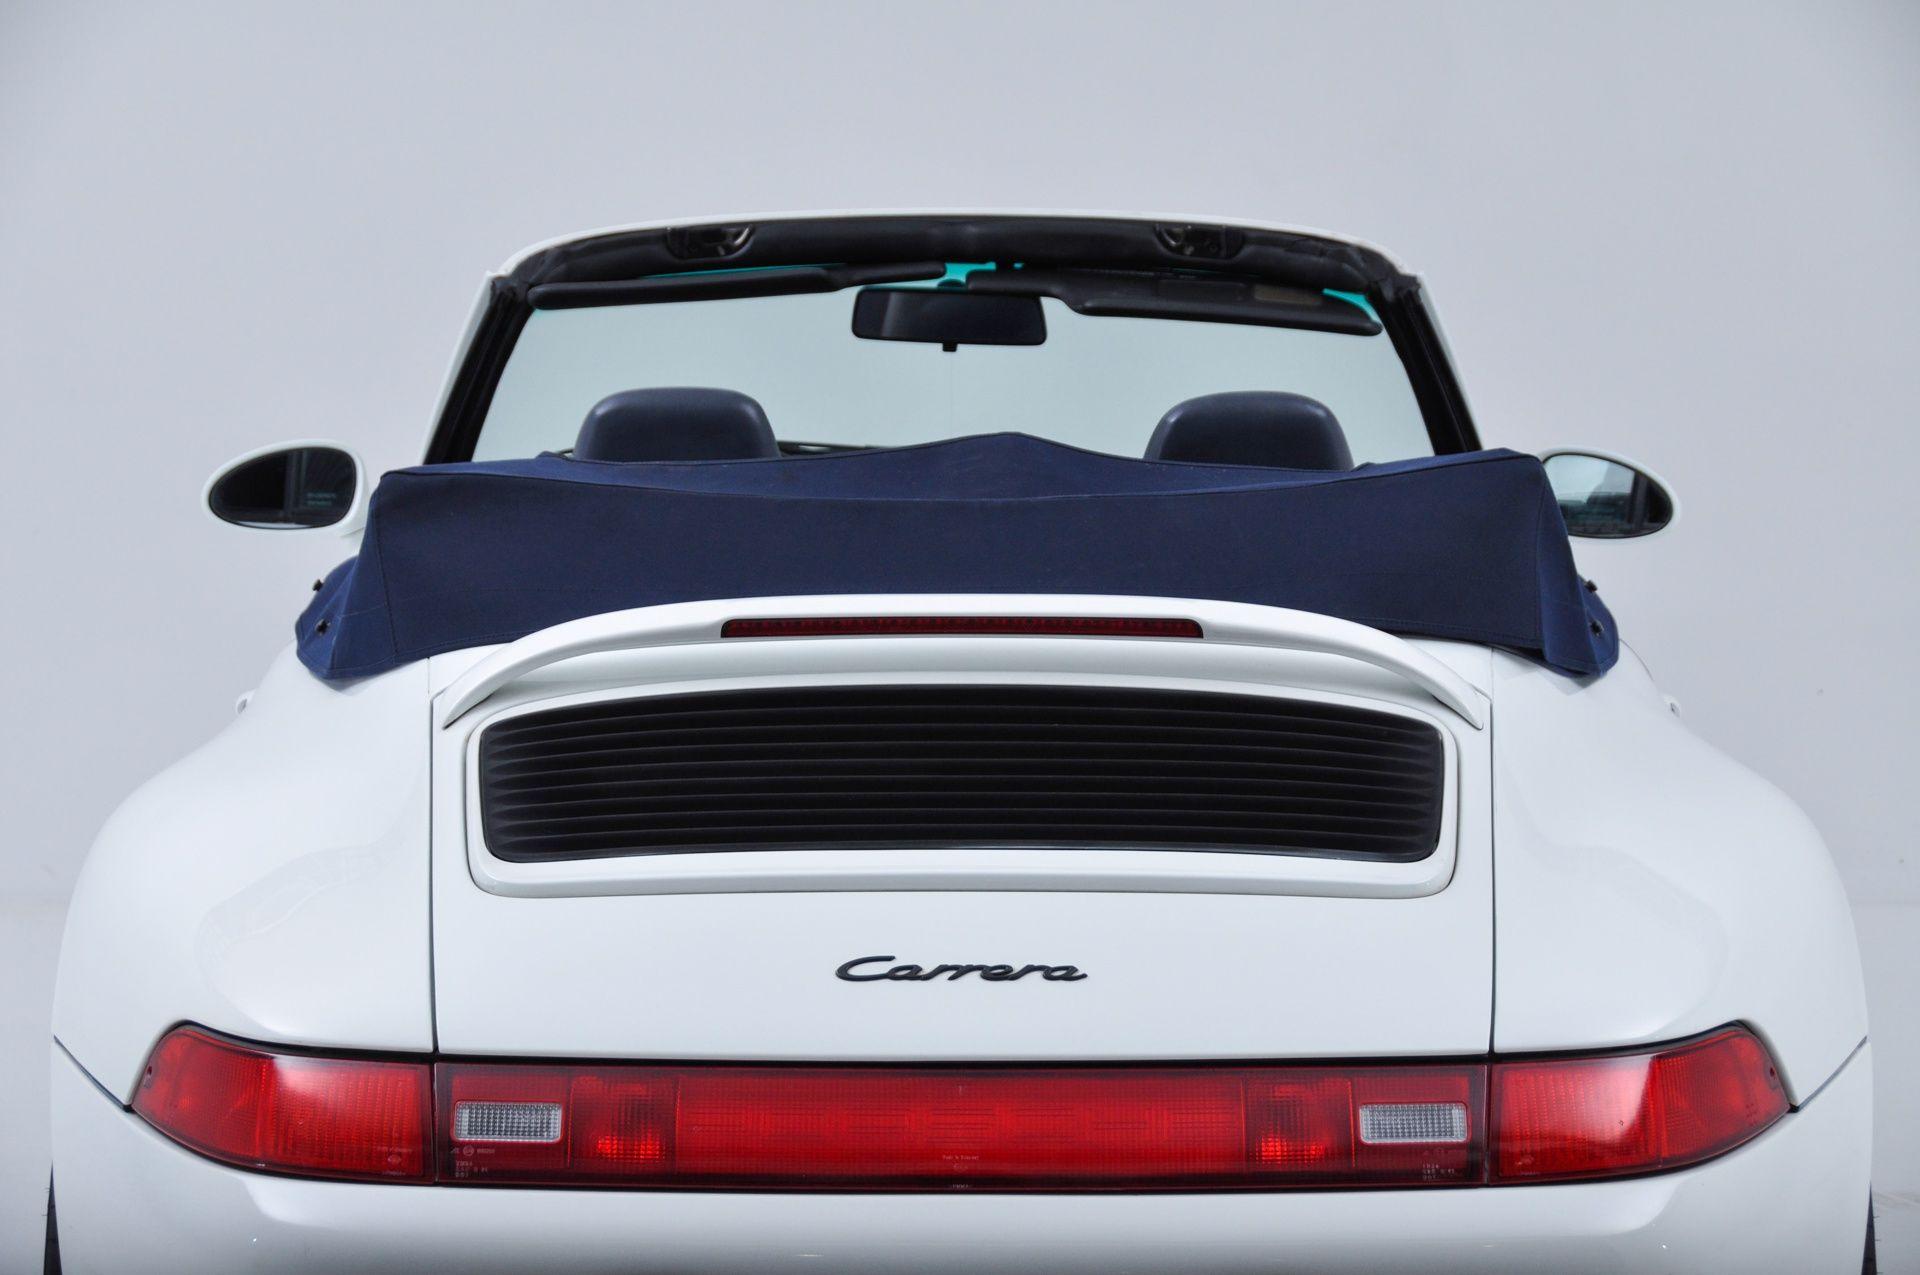 Used 1995 Porsche 993 Carrera 2 Cabriolet Carrera New